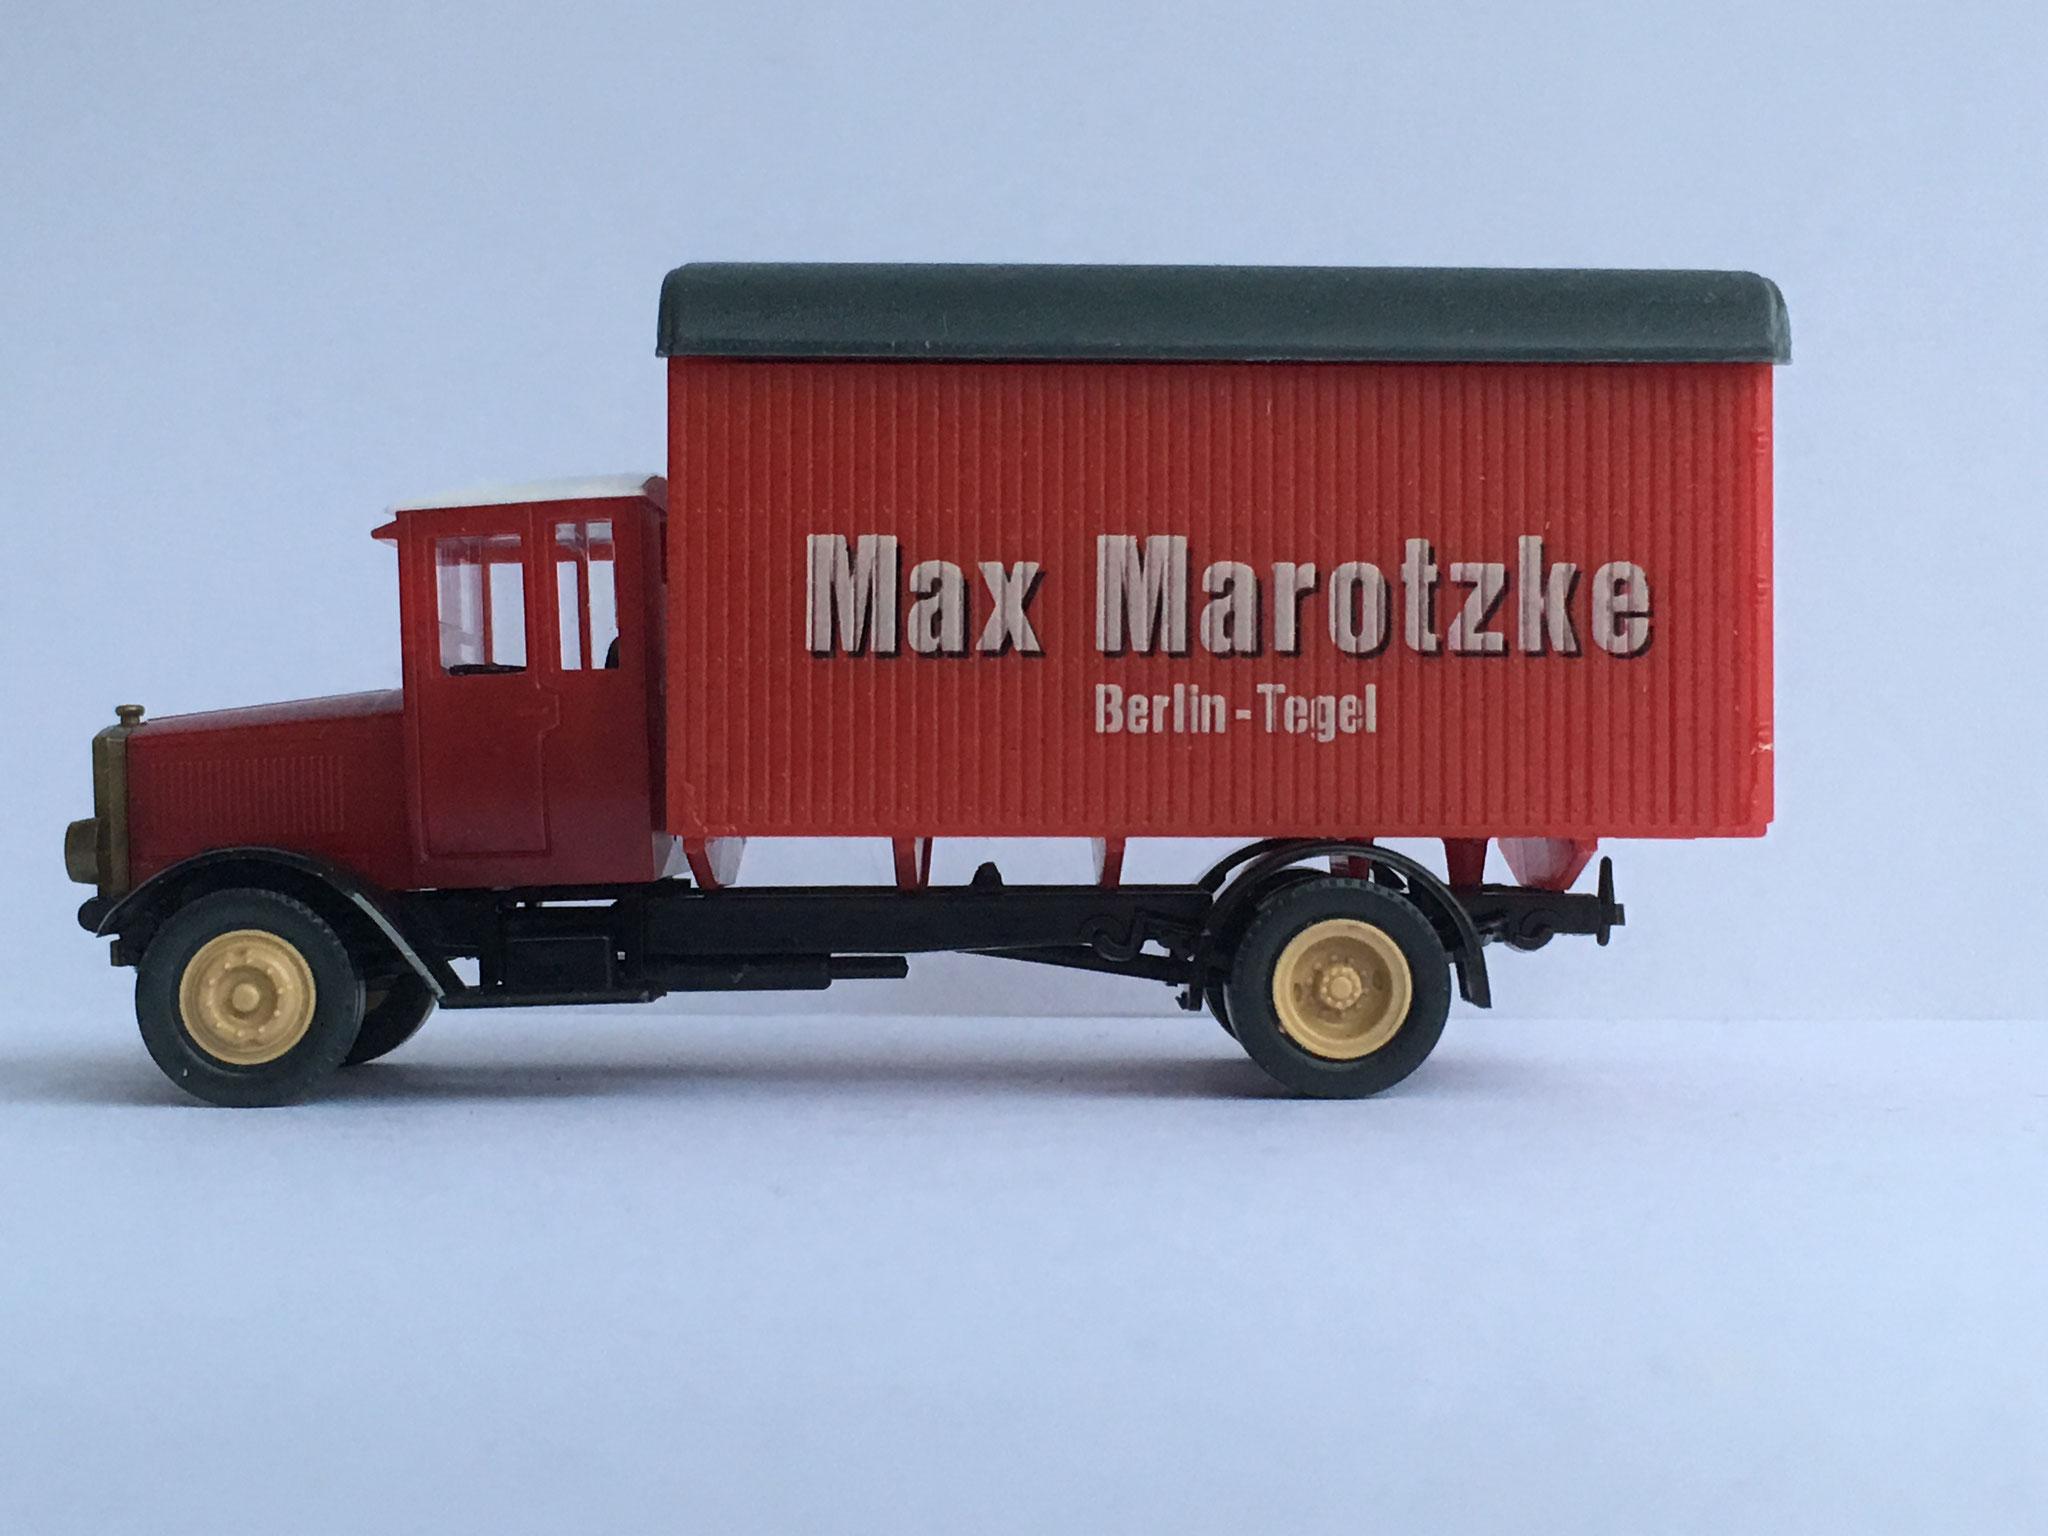 MAN T5 Möbelwagen Max Marotzke Berlin-Tegel, Art. Nr. R9 (Pietsch), 1991